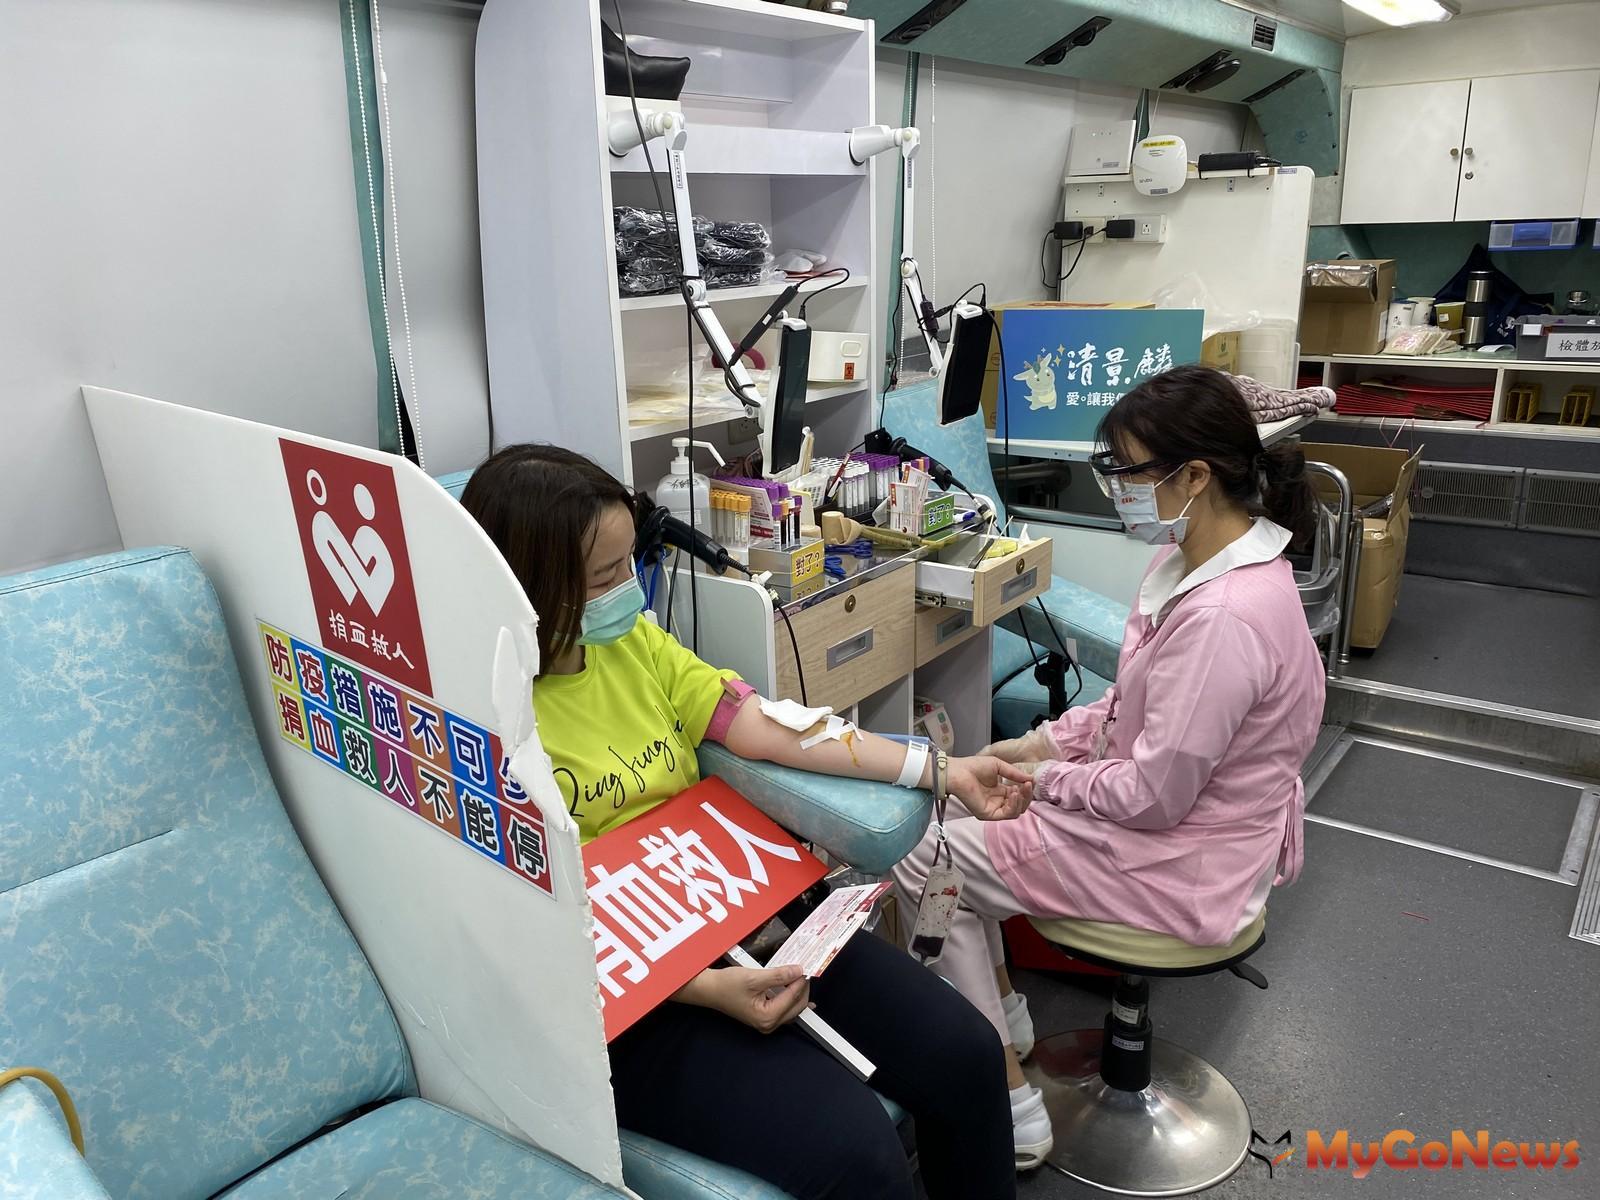 台南捐血中心呼籲想捐血的民眾,可以至捐血中心網站查詢定點,或先線上預約減少等候時間,並且防疫分流管理,不用過度擔心(圖/清景麟建築團隊)  MyGoNews房地產新聞 市場快訊